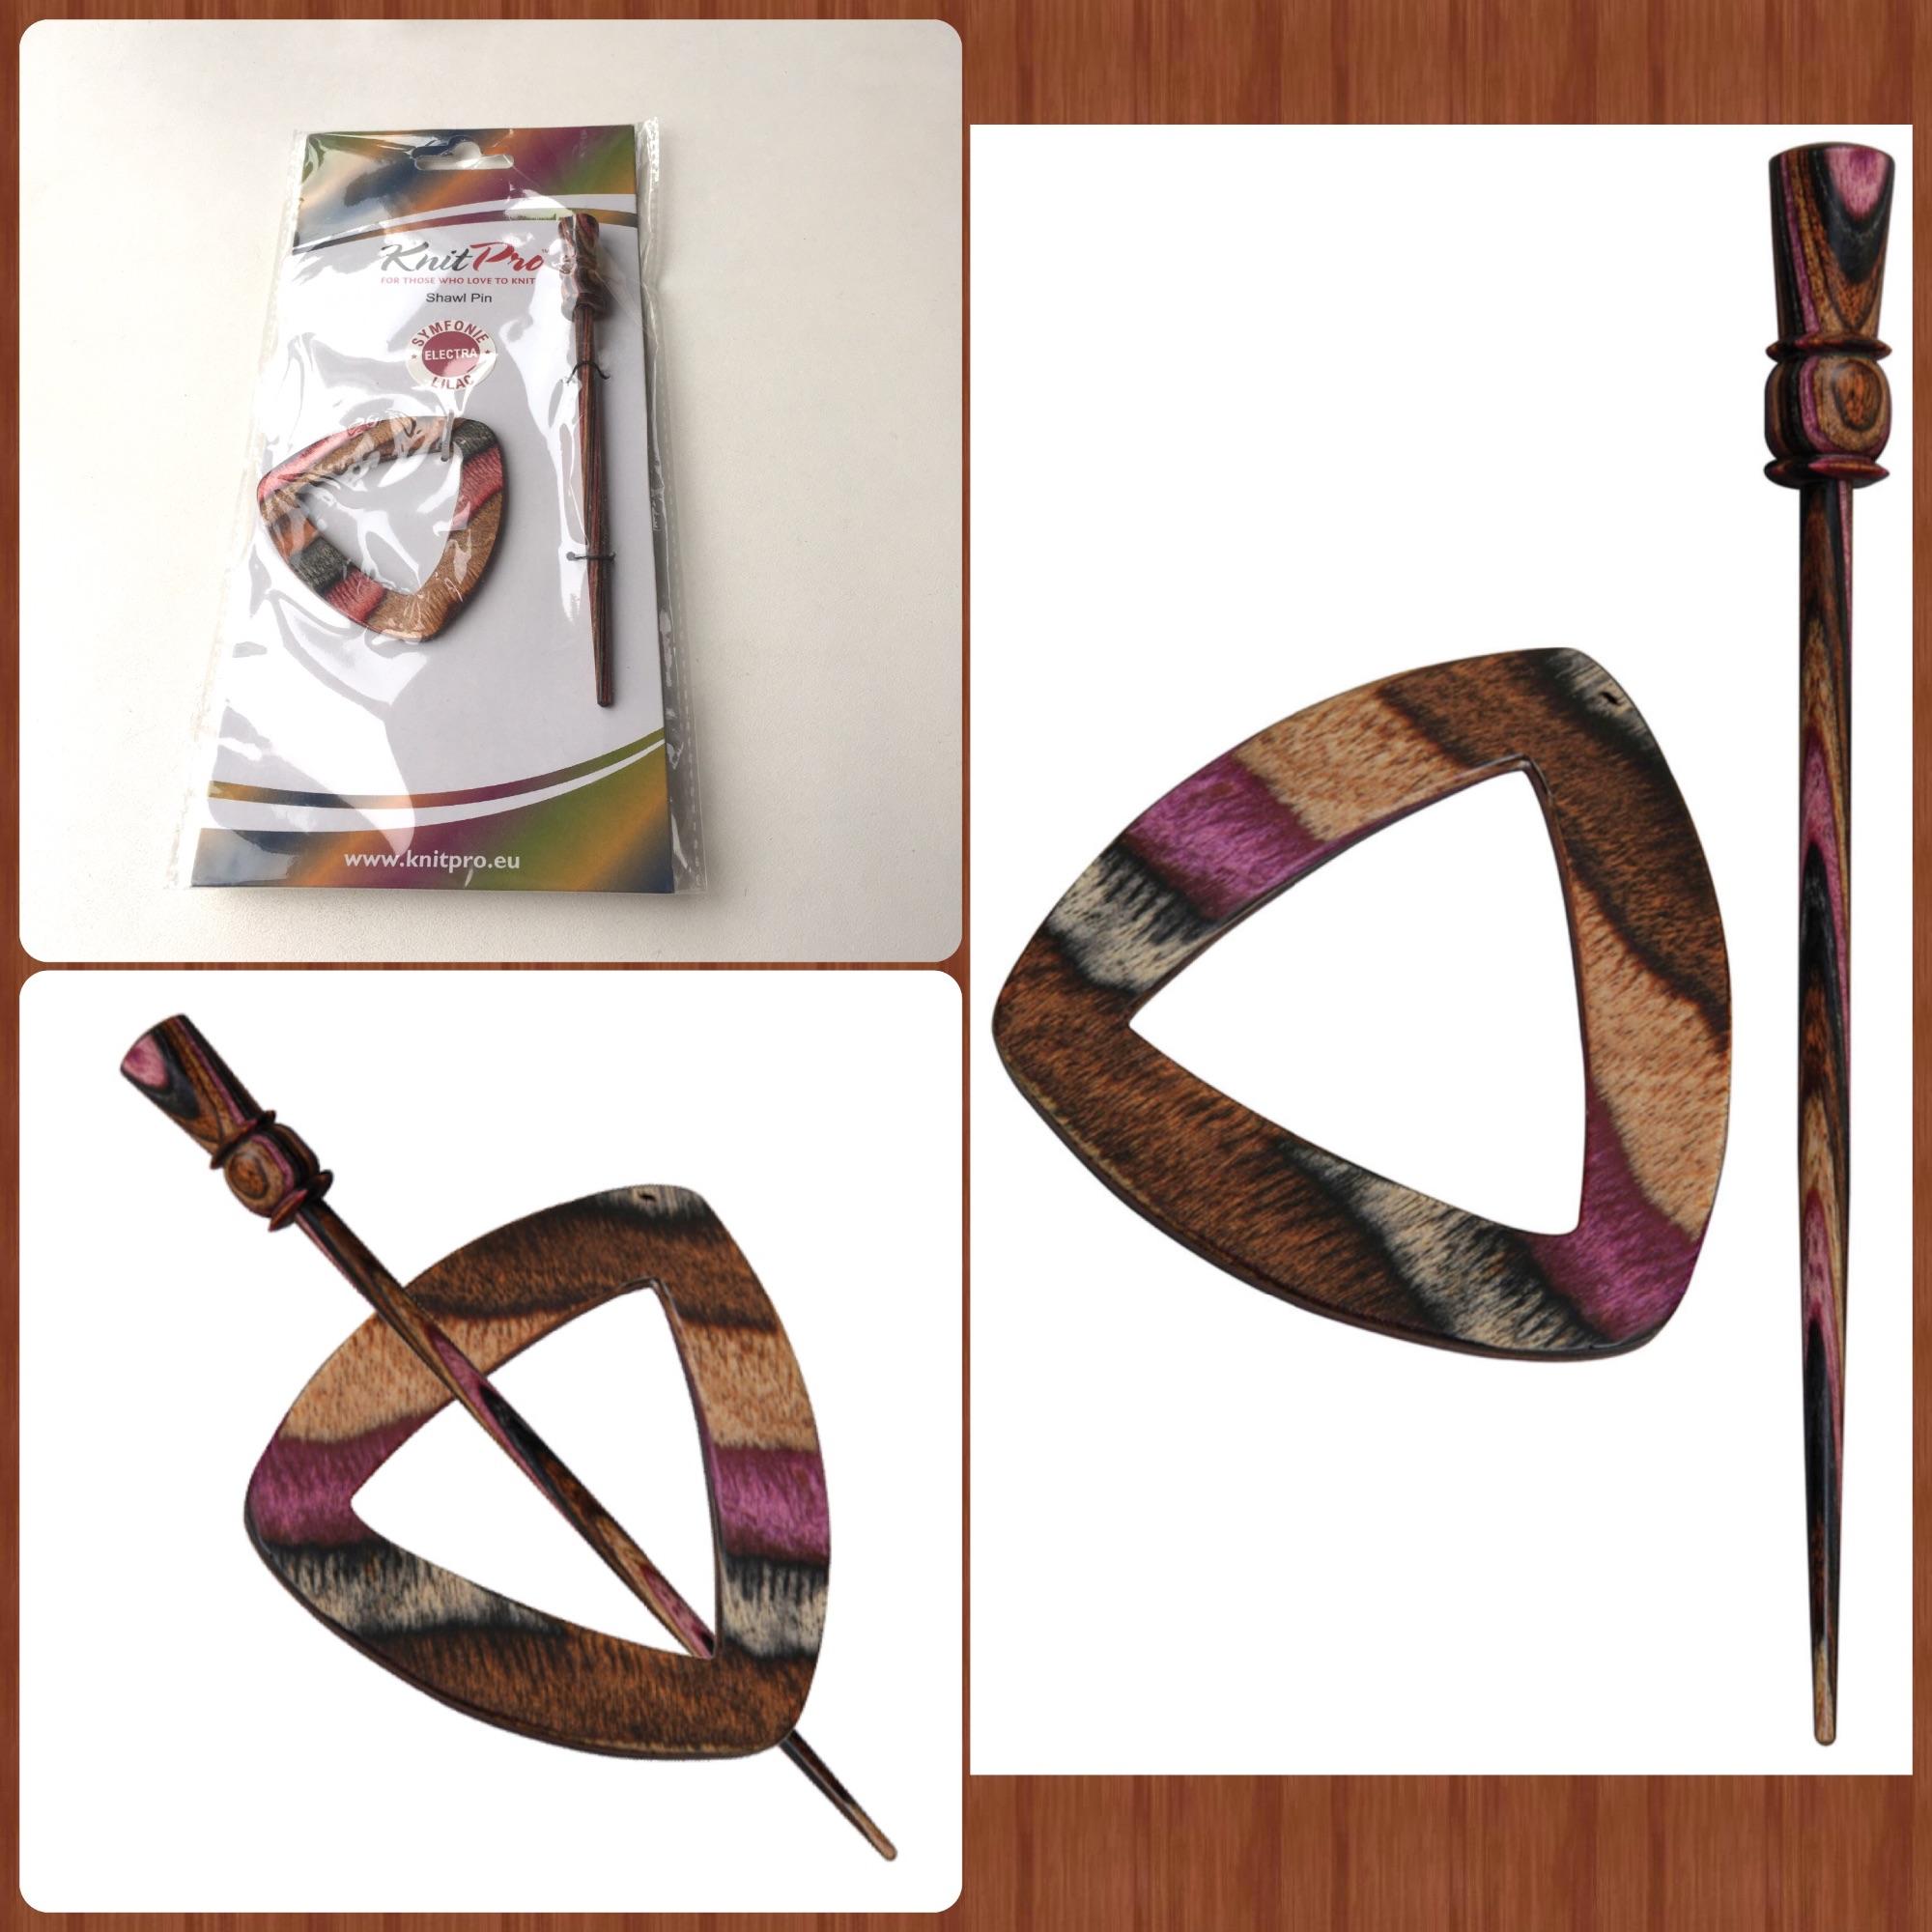 Knitpro symfonie wood lilac shawl pin electra knit pro